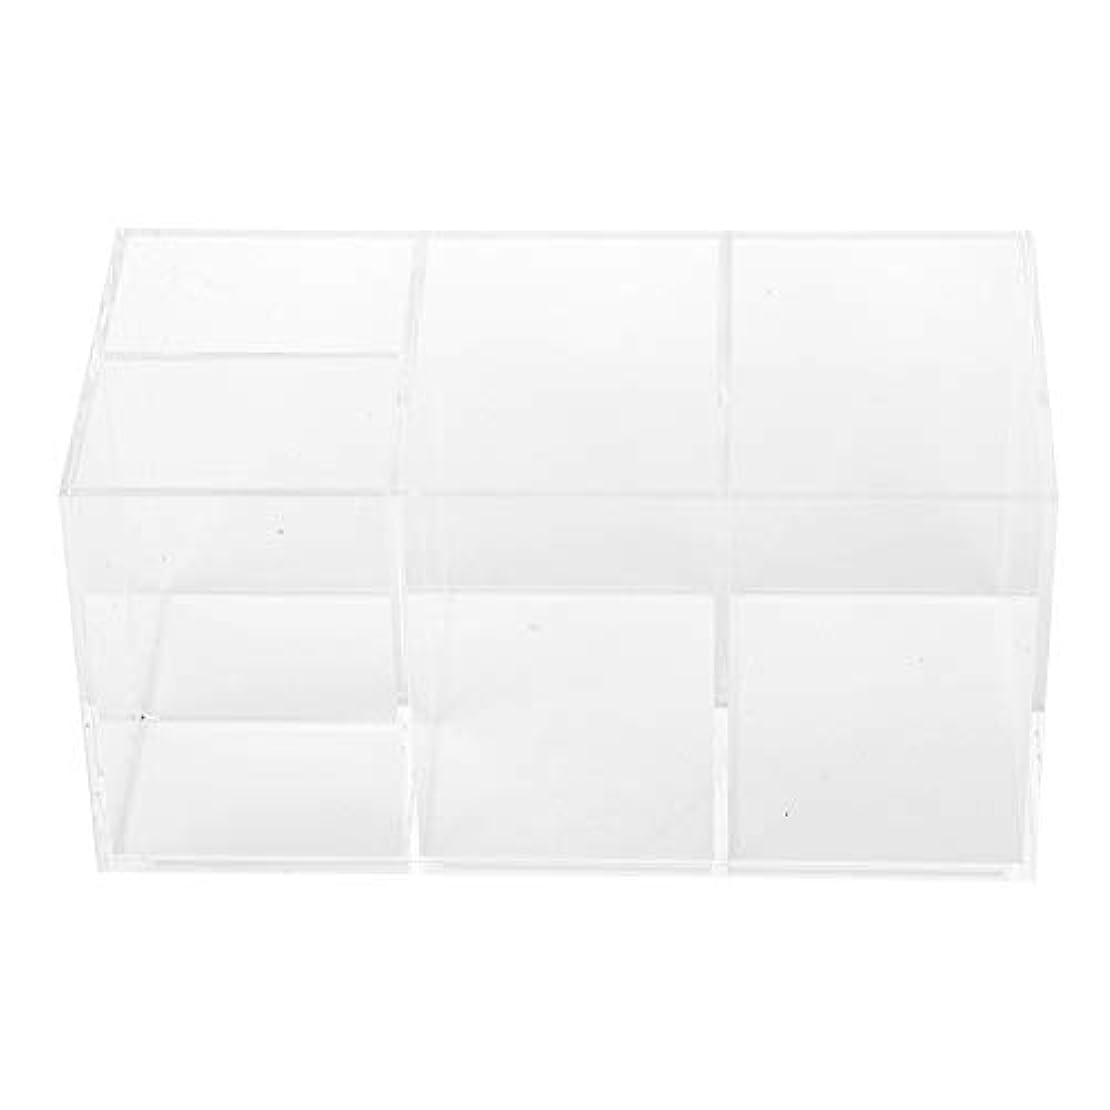 ポータブル 防水 ネイルアート 収納ボックス 美しいデスクトップネイルアートオーガナイザーボックス